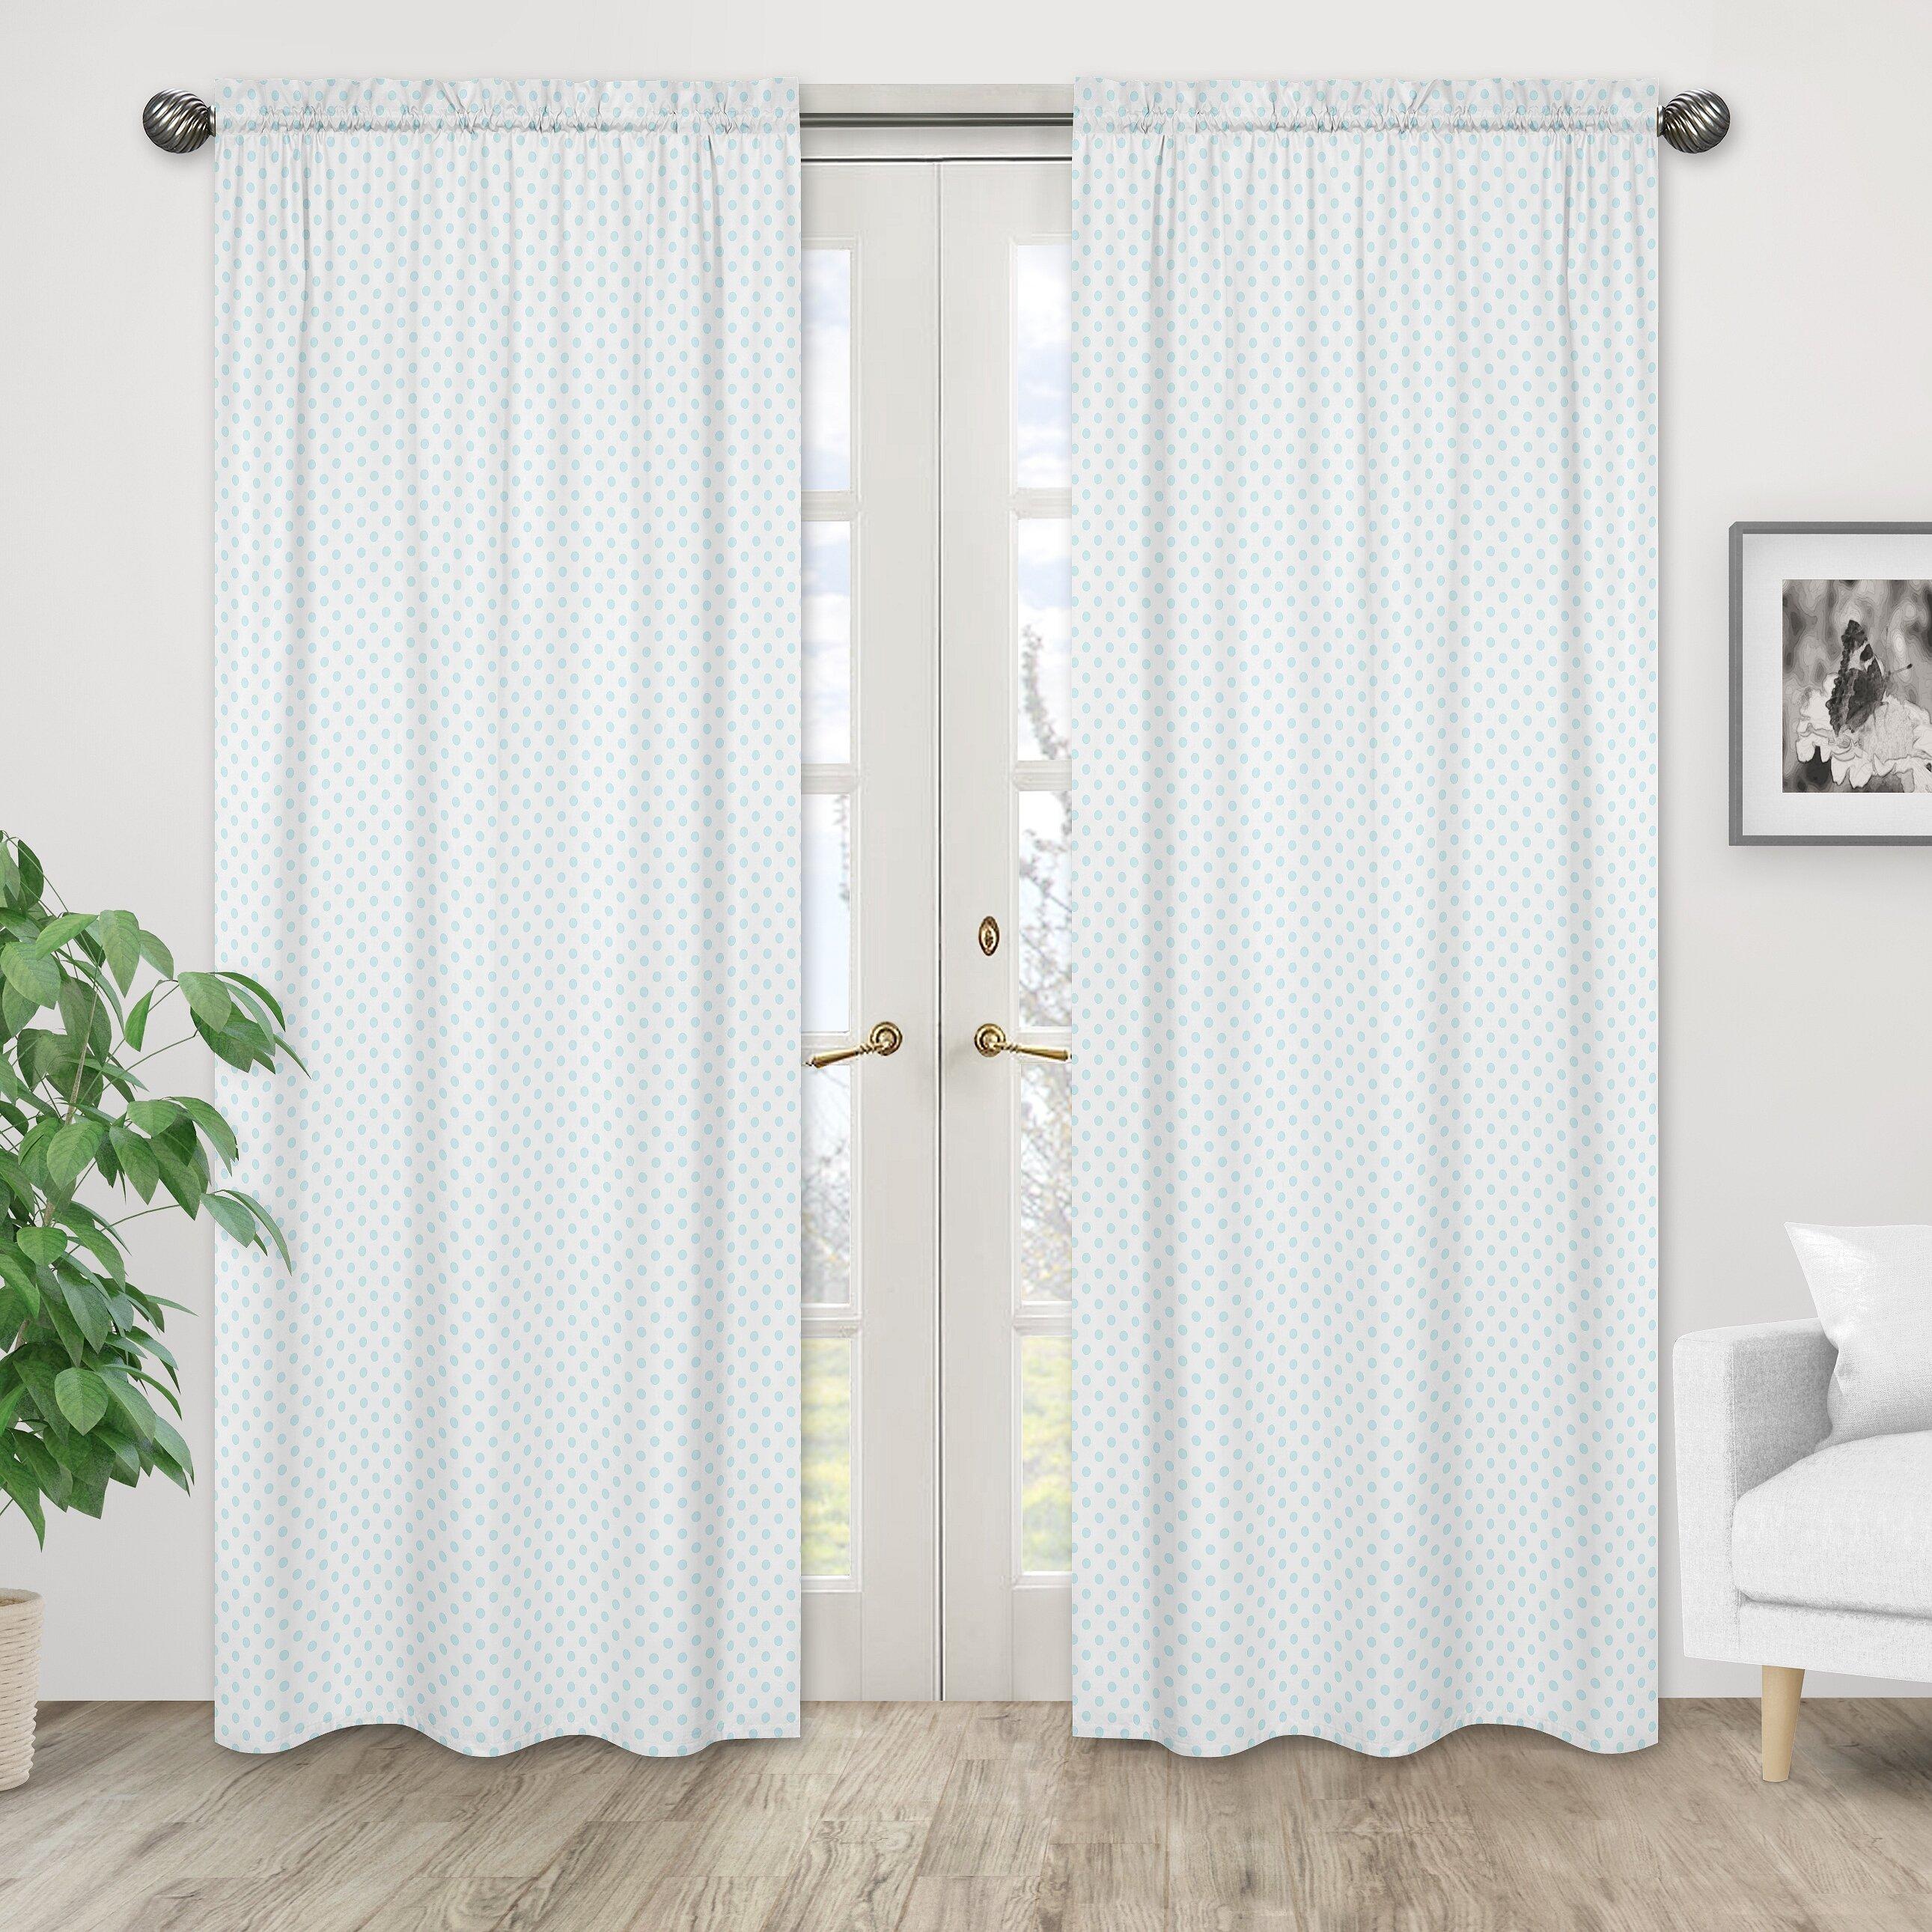 Sweet Jojo Designs Watercolors Polka Dots Semi Sheer Rod Pocket Curtain Panels Wayfair